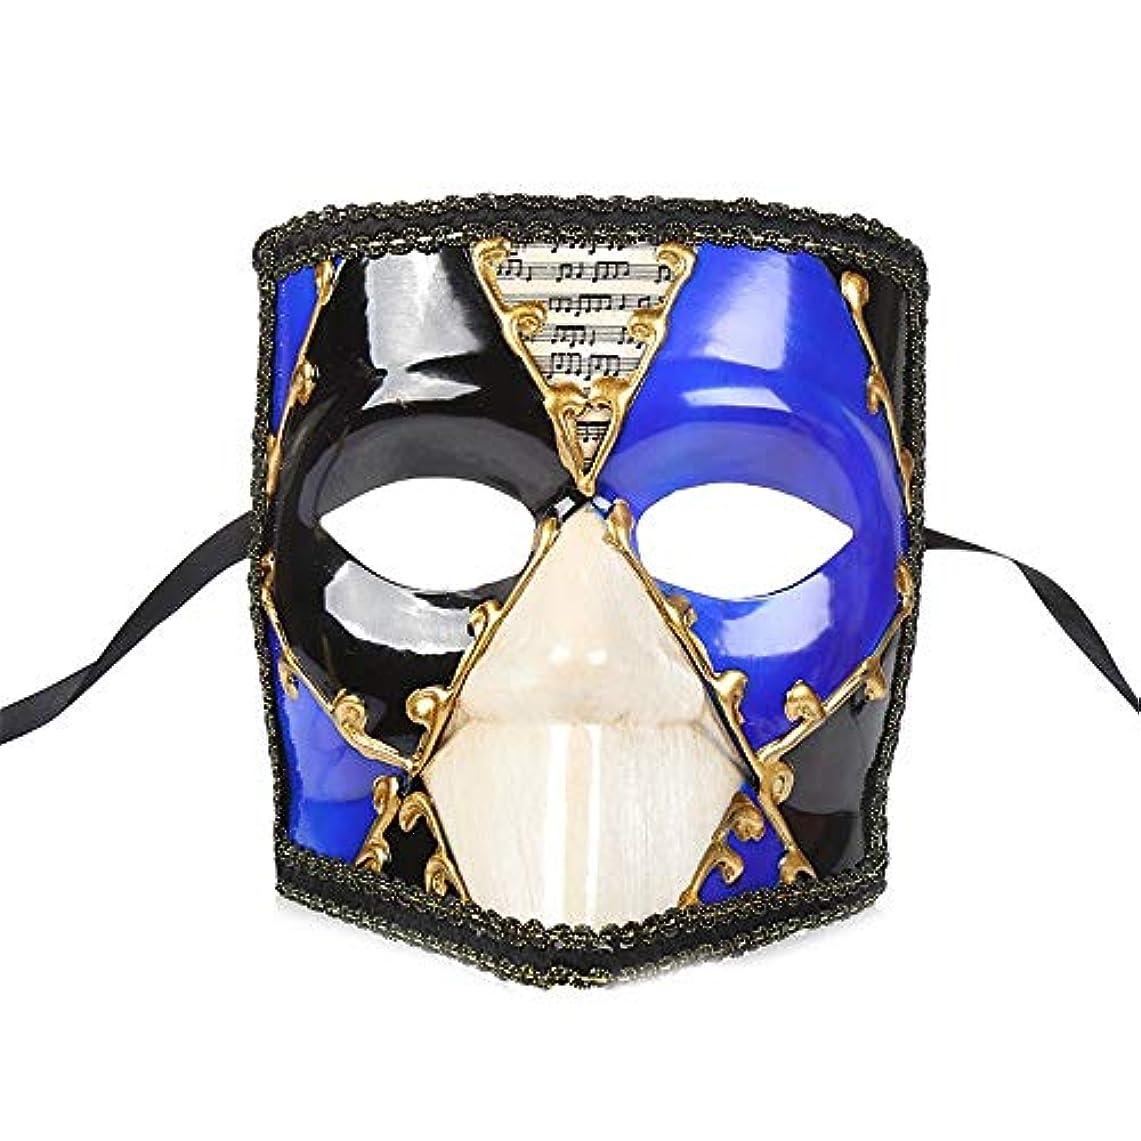 華氏ベーコン警報ダンスマスク ピエロマスクヴィンテージマスカレードショーデコレーションコスプレナイトクラブプラスチック厚いマスク ホリデーパーティー用品 (色 : 青, サイズ : 18x15cm)